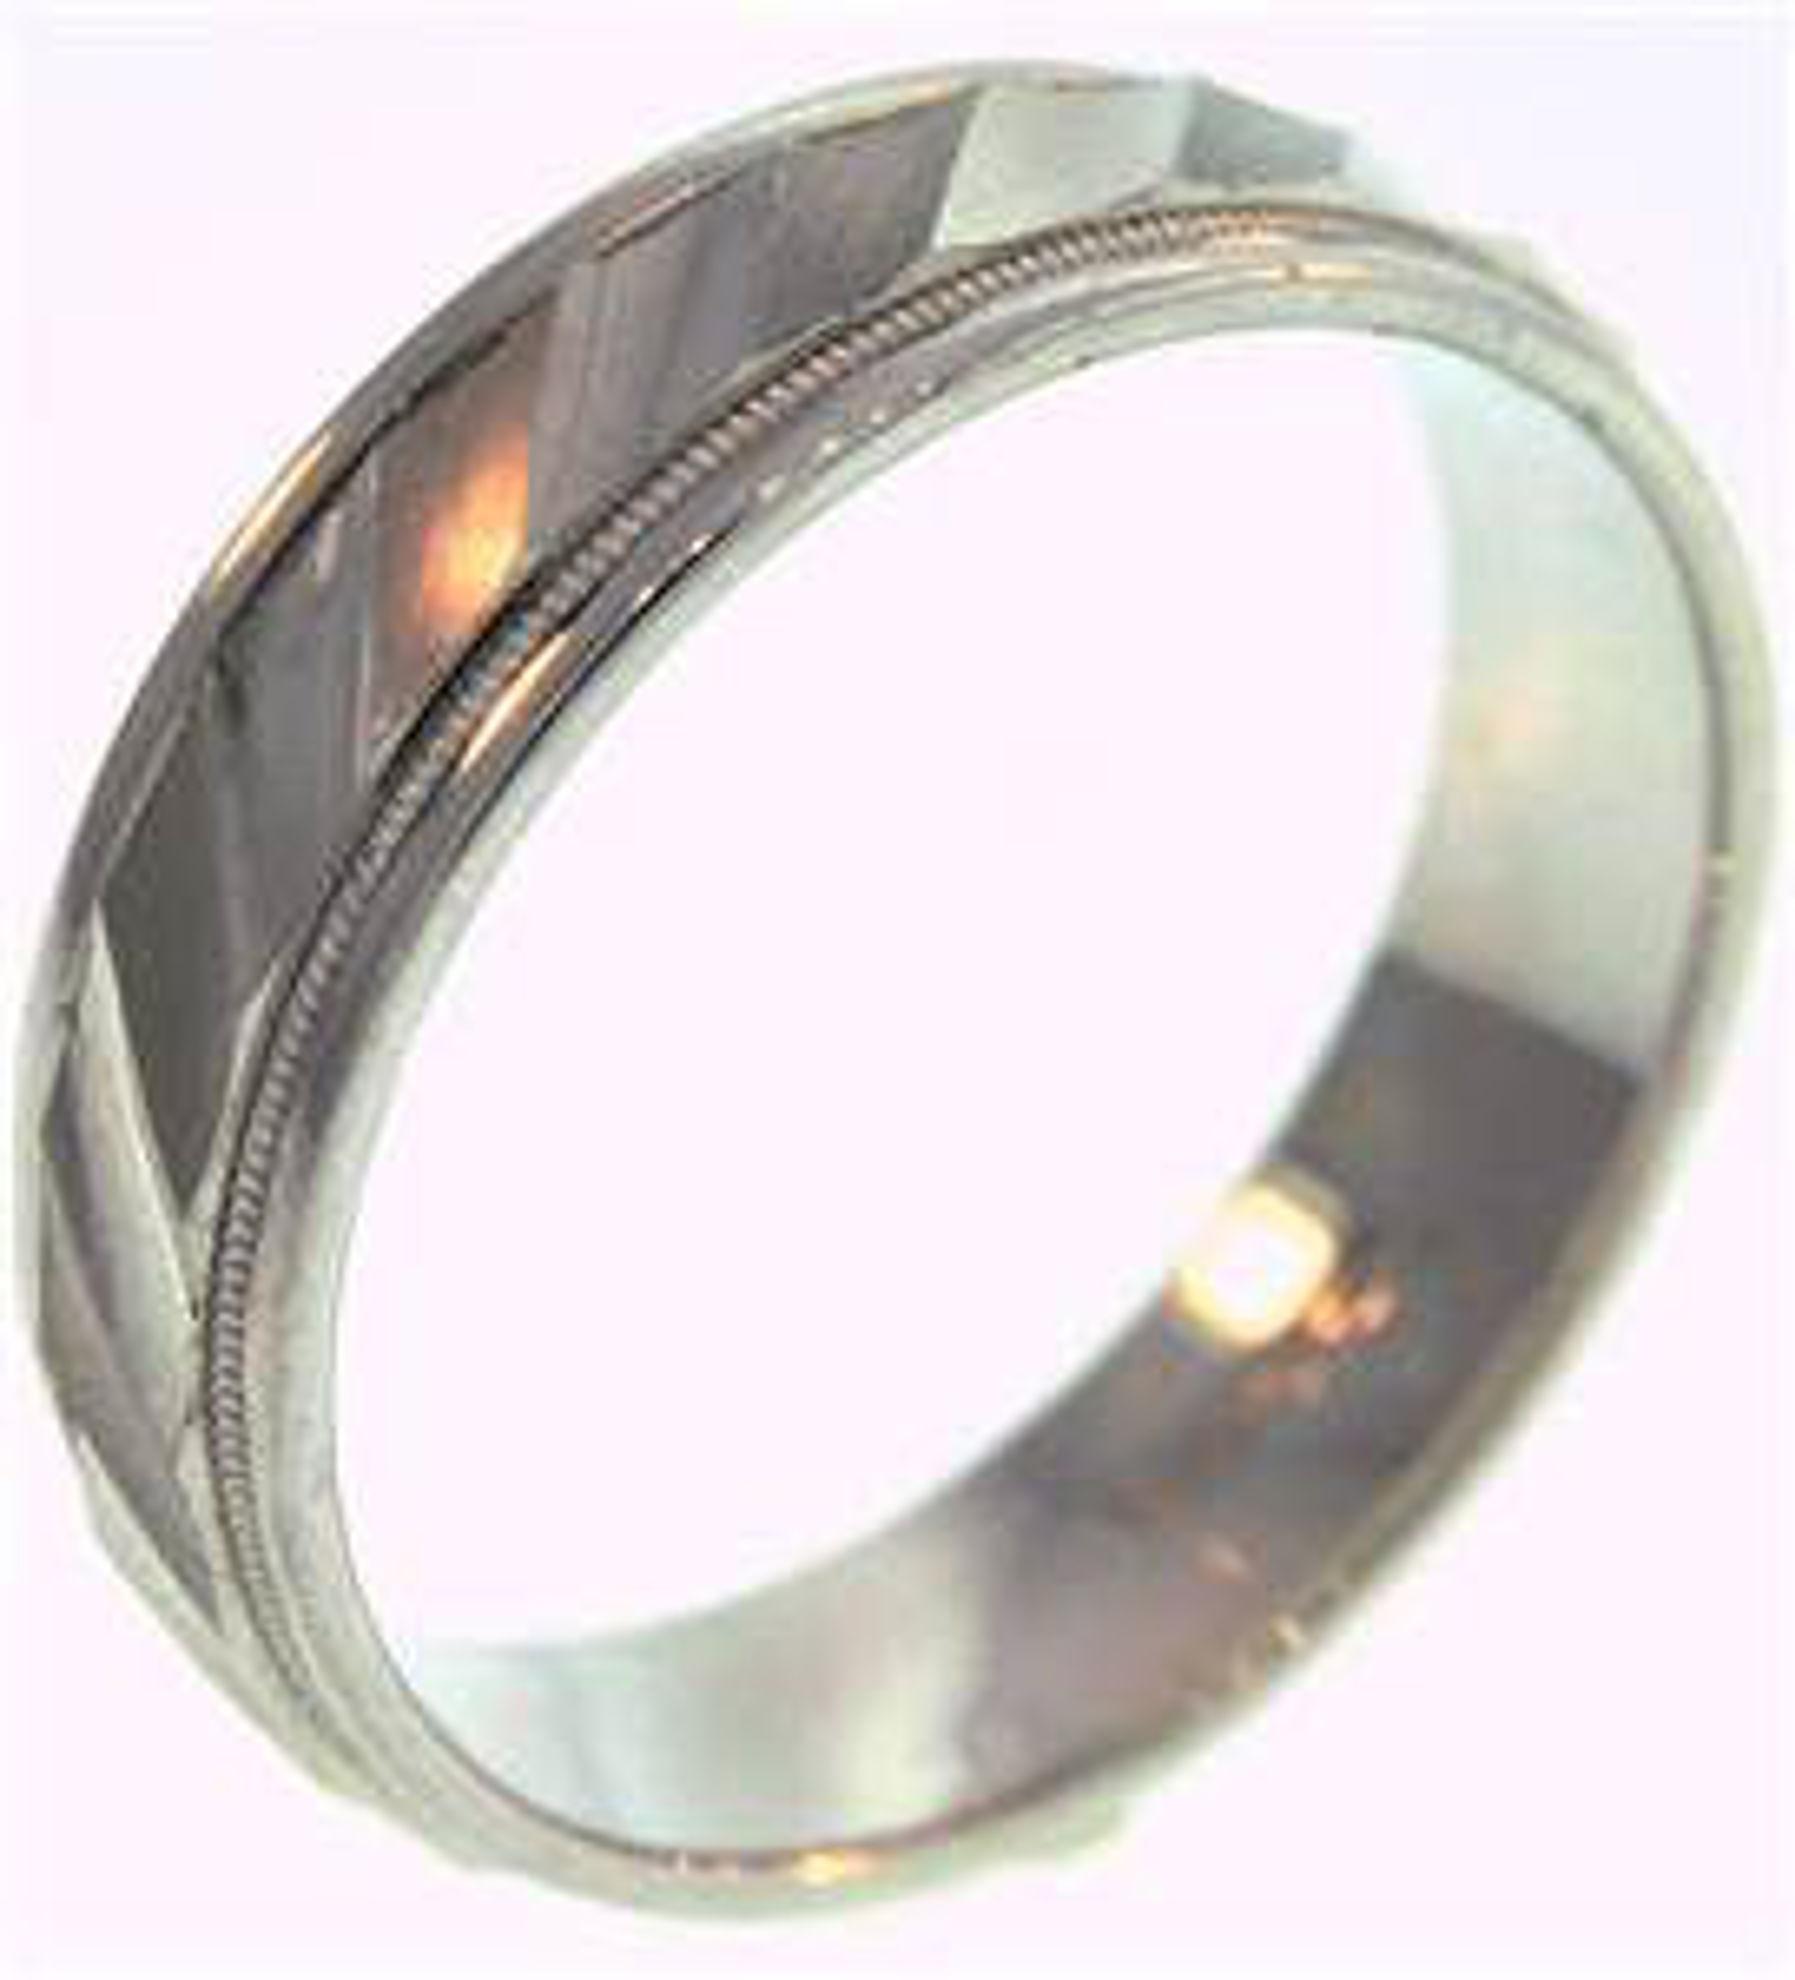 Picture of Men's Rings 14kt-4.5 DWT, 7.0 Grams